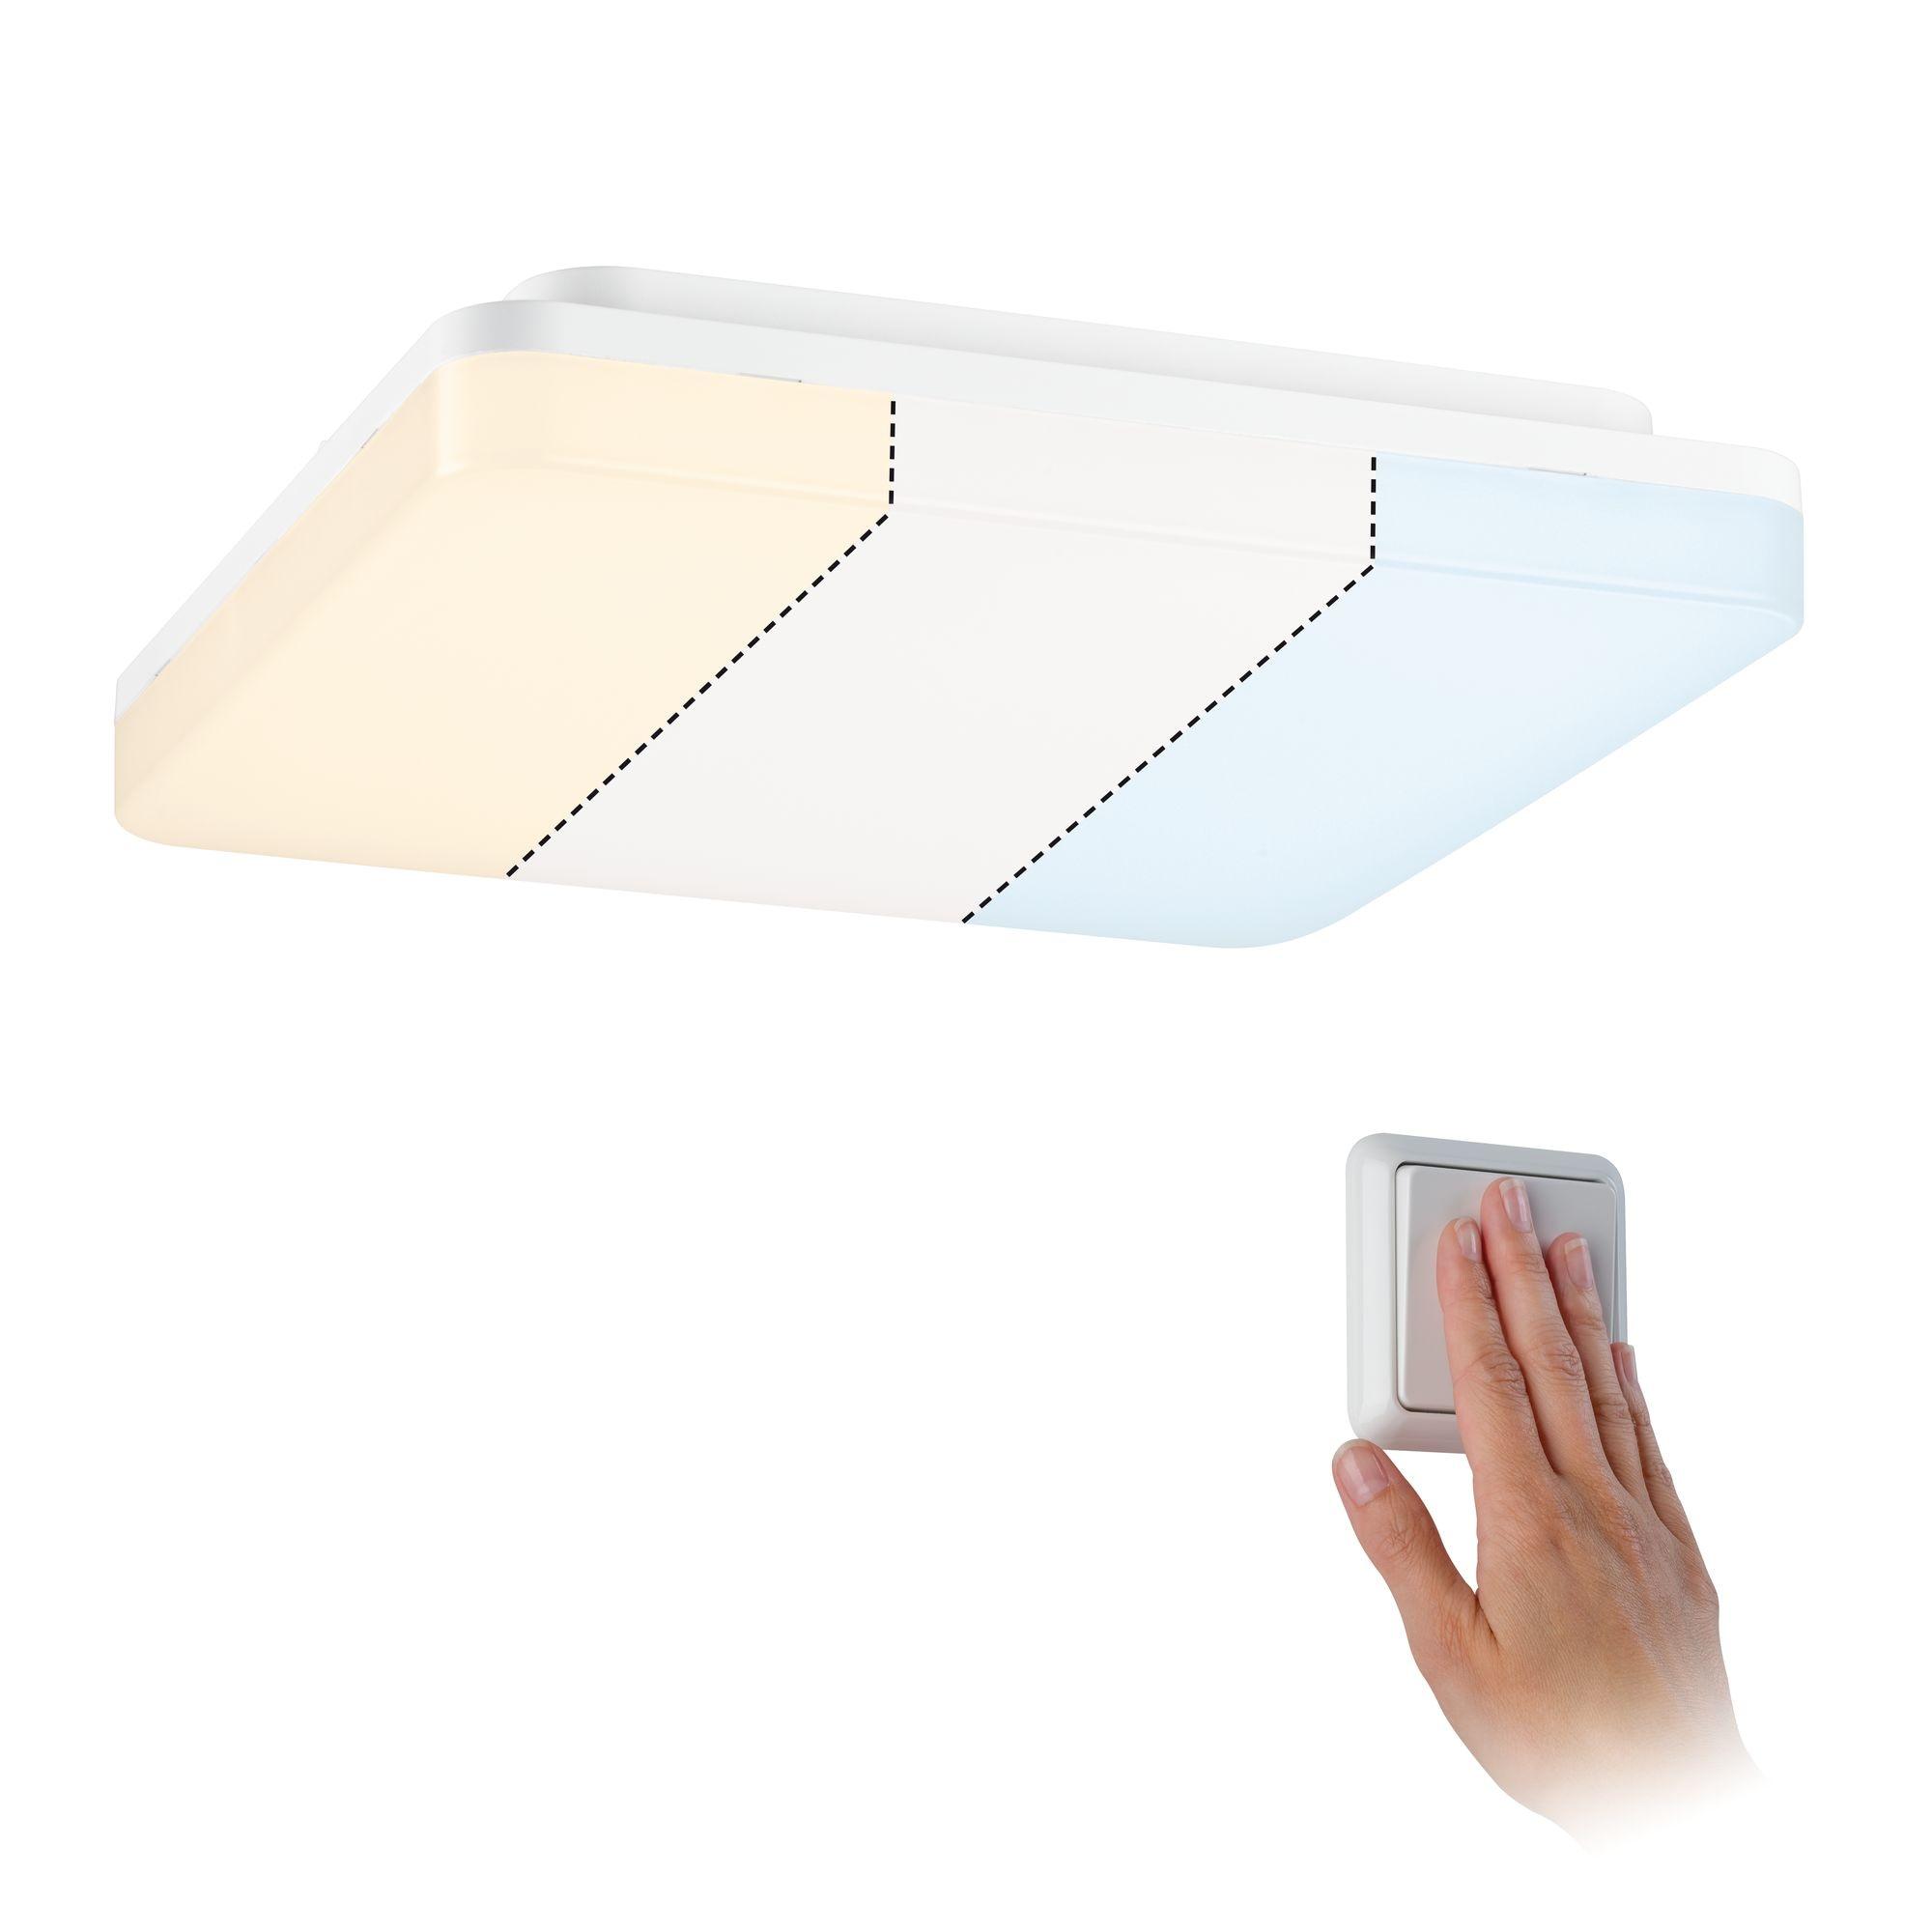 Paulmann LED Deckenleuchte Panel Cela WhiteSwitch 280x280mm 15,5 W Weiß, 1 St., Tageslichtweiß